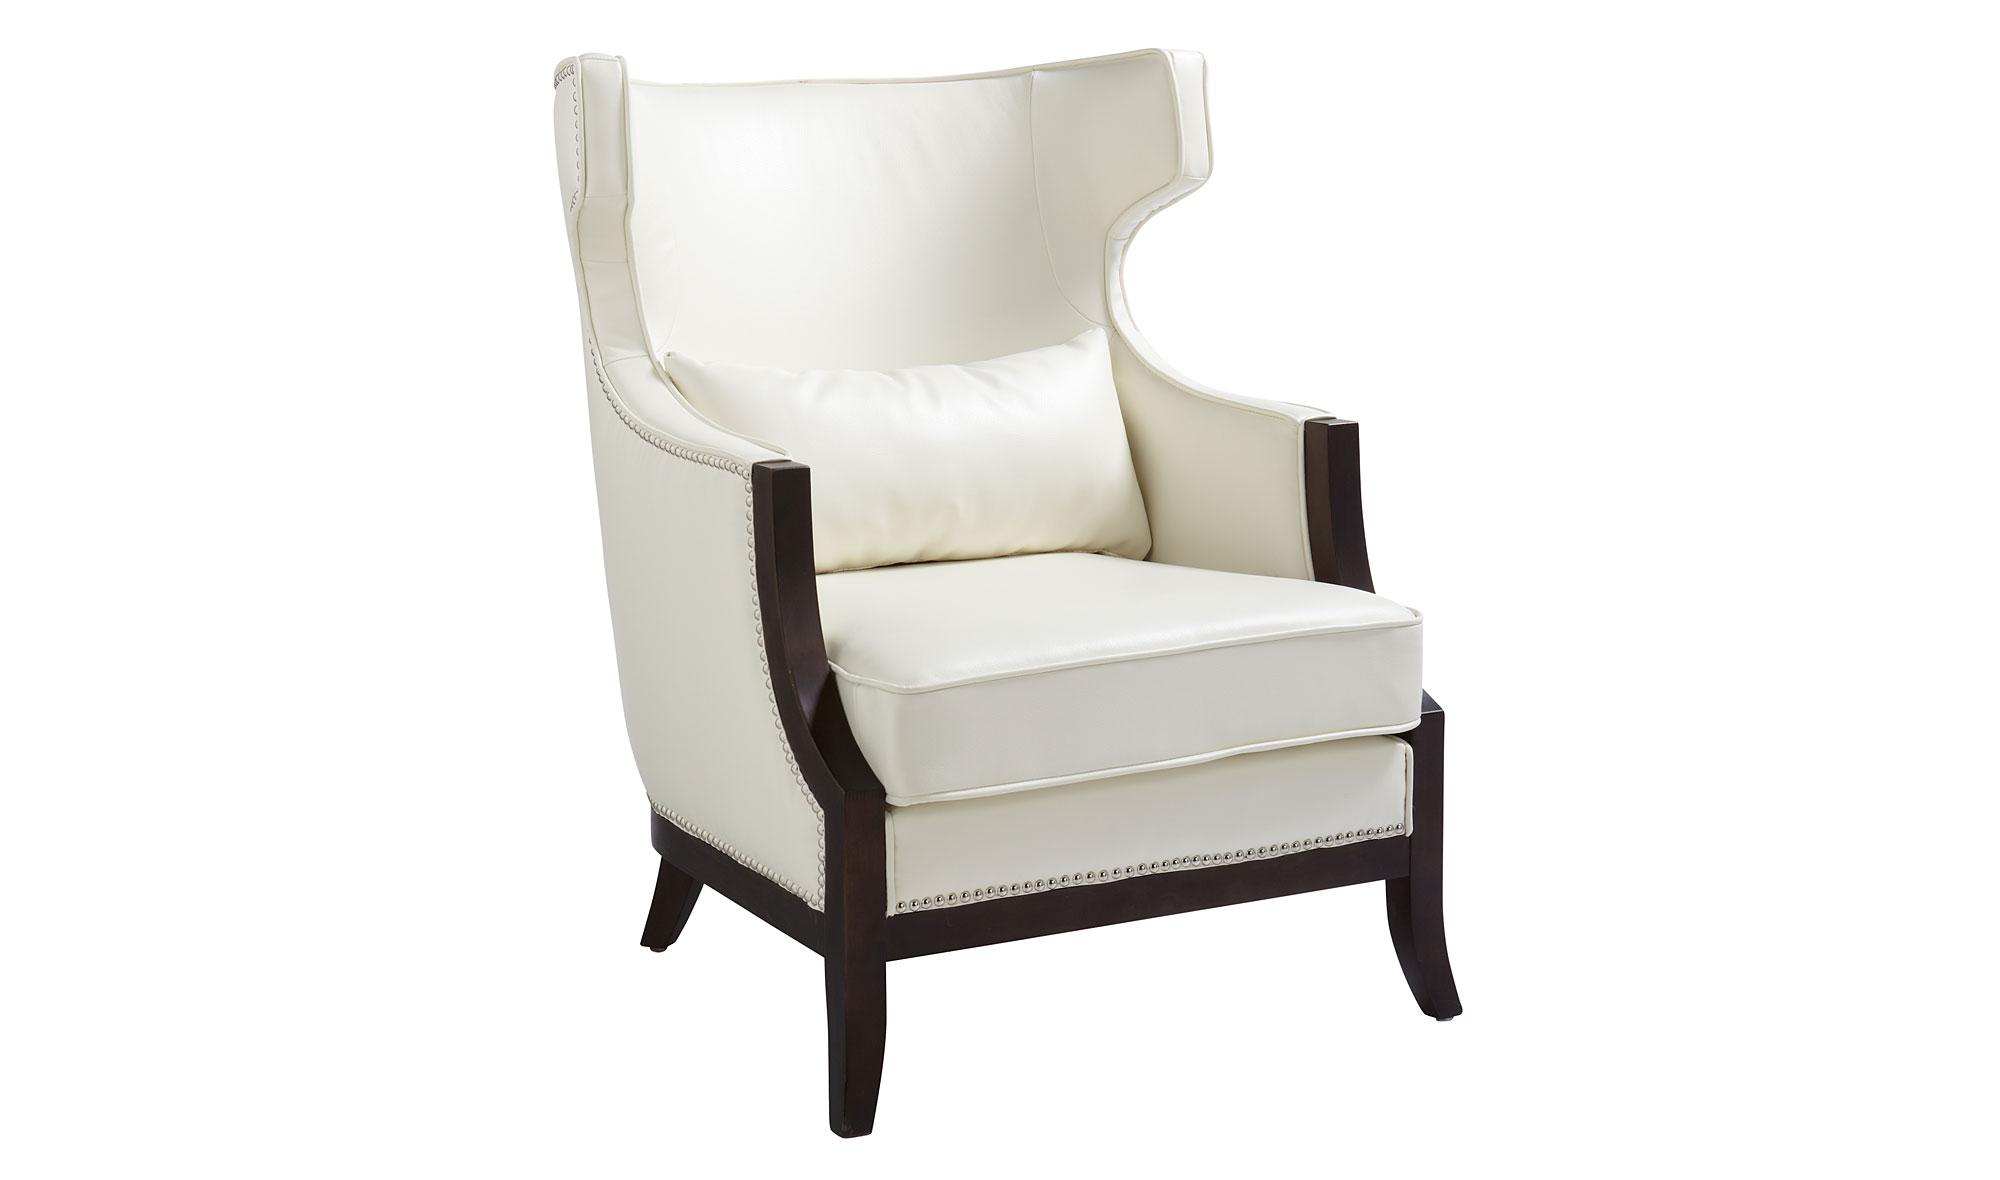 Butaca vintage calcutta piel blanca en - Consolas clasicas ...